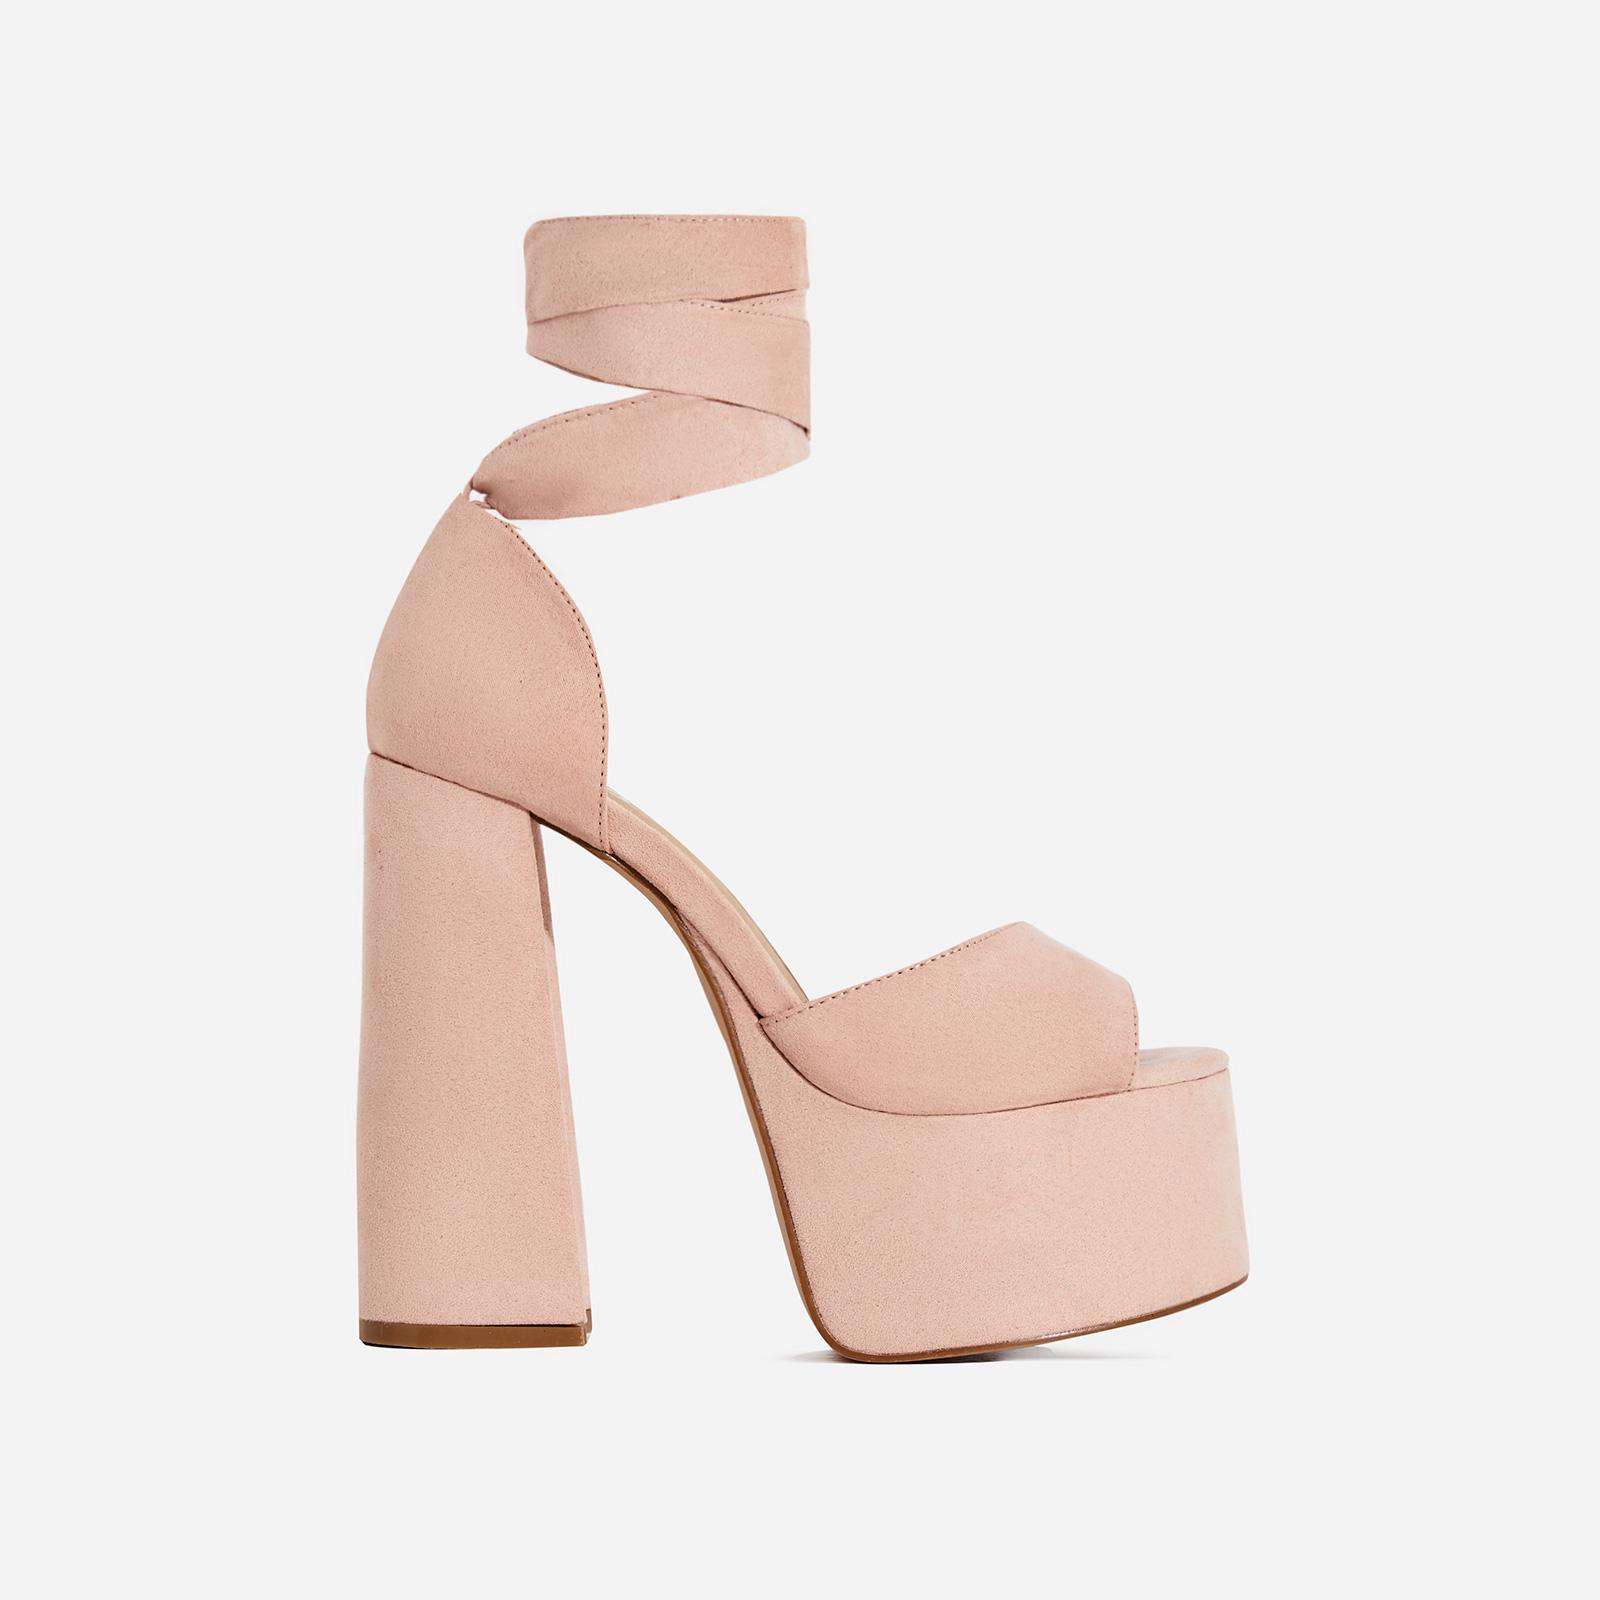 Sarah Lace Up Platform Heel In Blush Pink Faux Suede